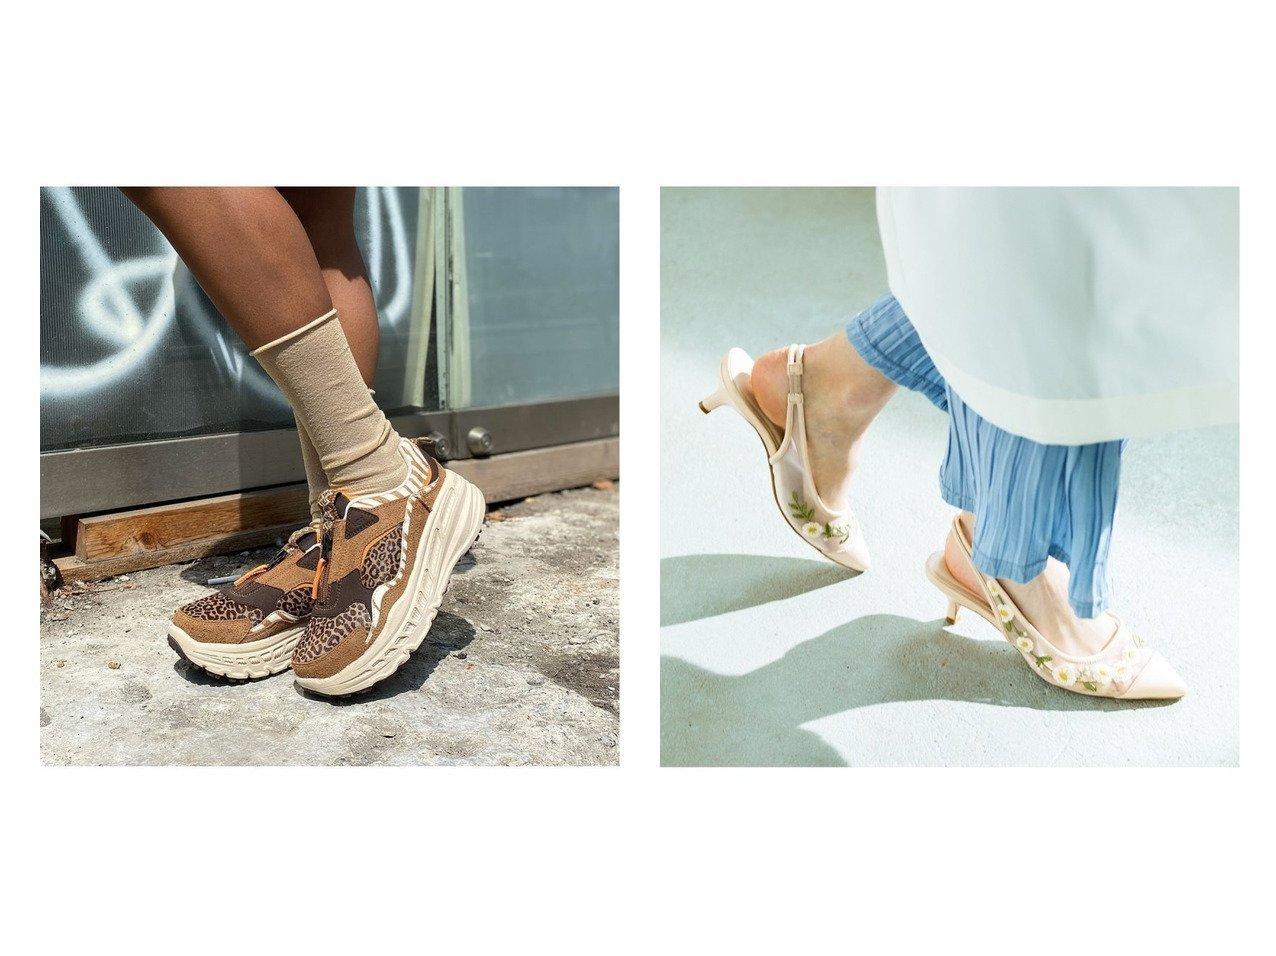 【UGG Australia/アグ】のUGG CA805 Zip Wild Thang&【Jelly Beans/ジェリービーンズ】のフラワー刺繍バックストラップパンプス 【シューズ・靴】おすすめ!人気、トレンド・レディースファッションの通販  おすすめで人気の流行・トレンド、ファッションの通販商品 メンズファッション・キッズファッション・インテリア・家具・レディースファッション・服の通販 founy(ファニー) https://founy.com/ ファッション Fashion レディースファッション WOMEN バッグ Bag S/S・春夏 SS・Spring/Summer シューズ チュール トレンド フィット フラワー ロマンティック 春 Spring スニーカー スリッポン |ID:crp329100000034628